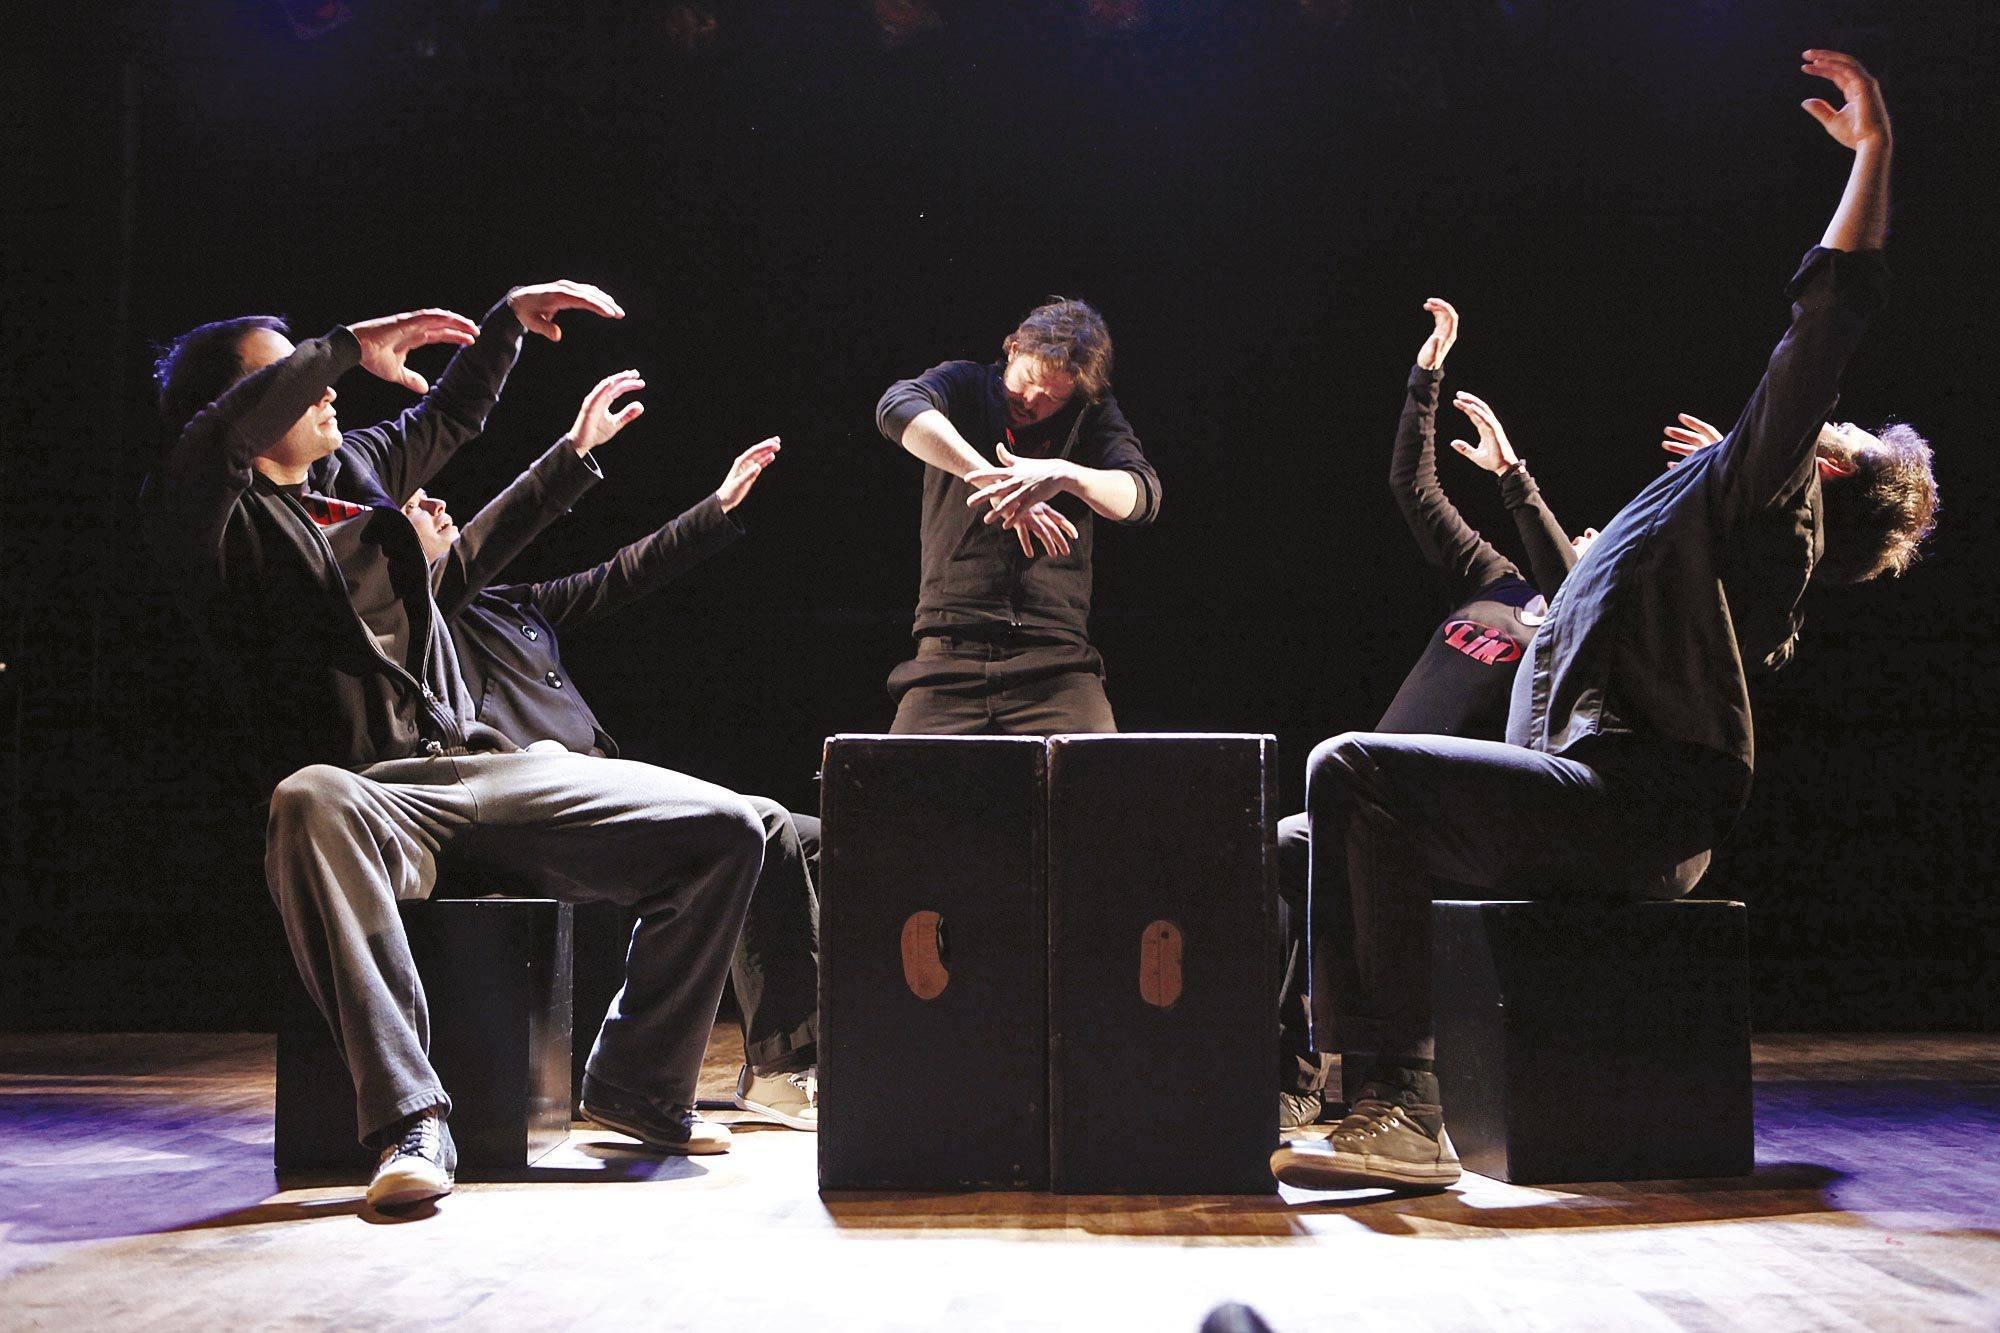 Ligue d'improvisation montréalaise